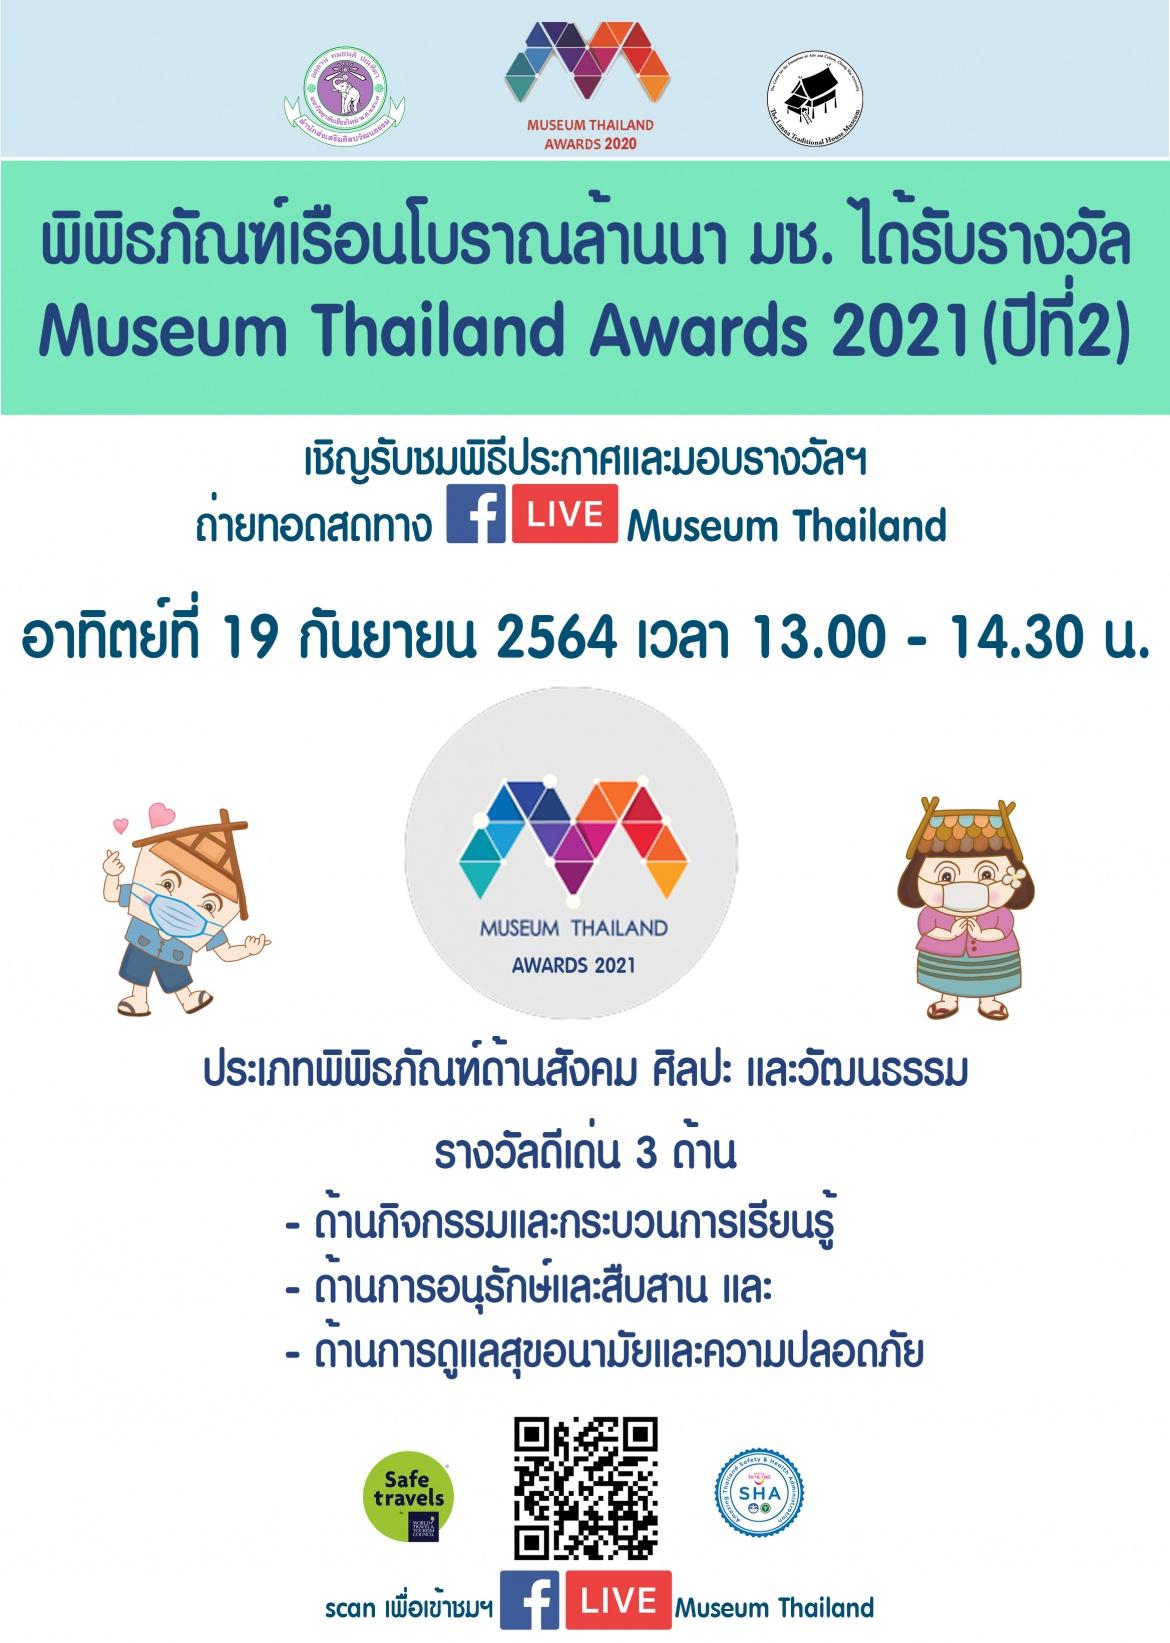 พิพิธภัณฑ์เรือนโบราณล้านนา มช. ได้รับรางวัล Museum Thailand Awards 2021 (ปีที่ 2)